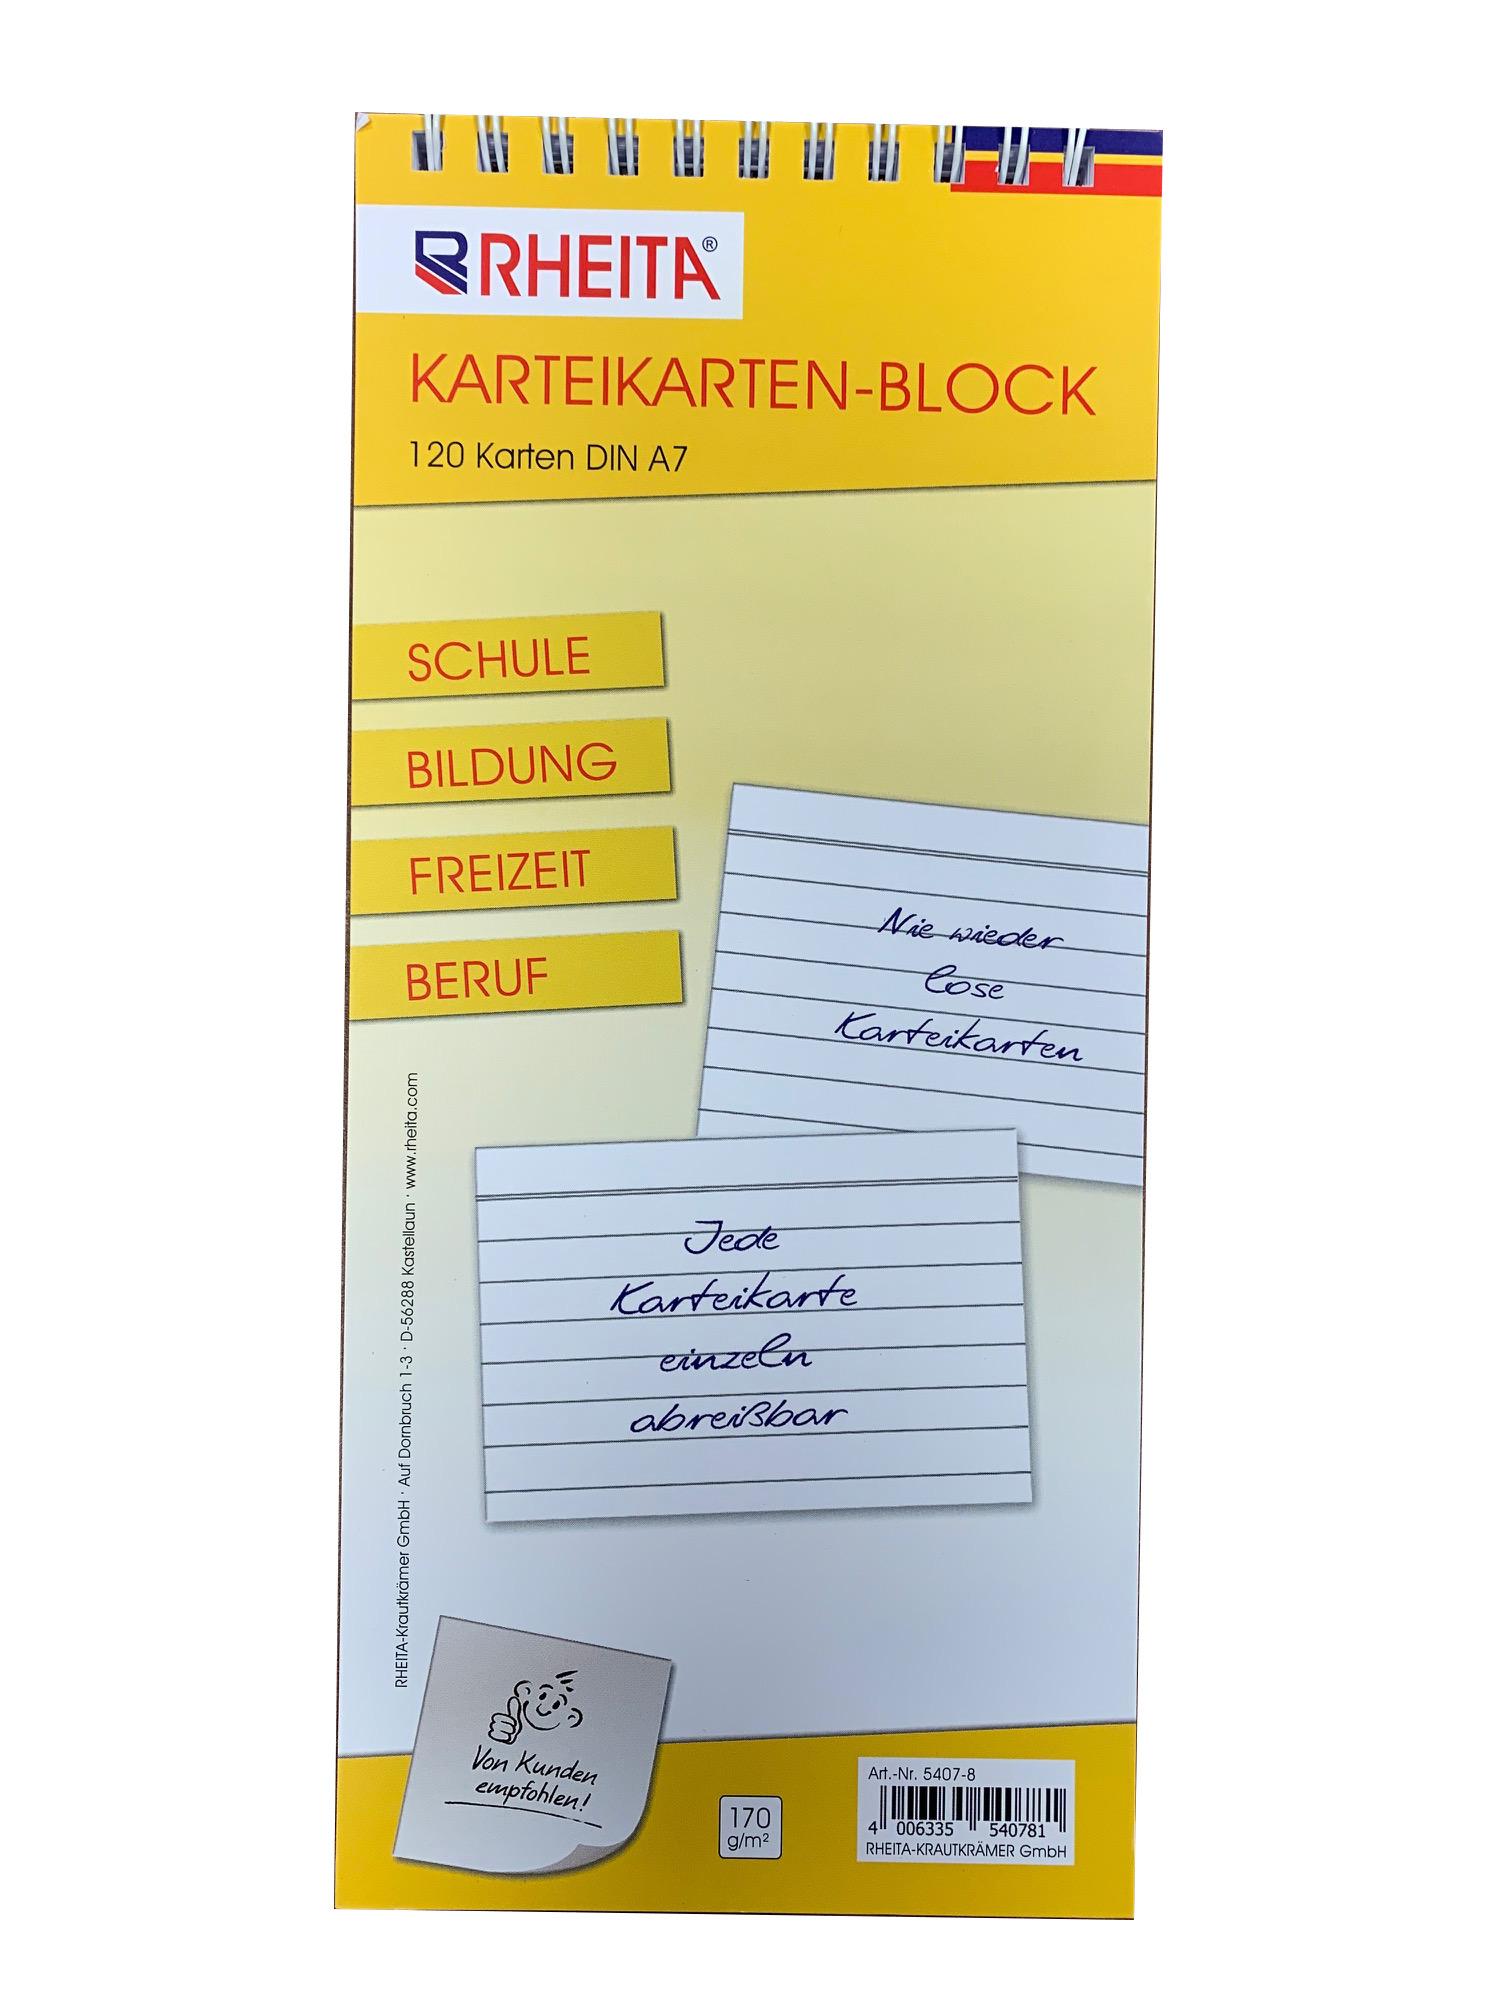 Vorschau: Karteikarten-Block liniert DIN A7 mit 120 Karten 170g/m² ideal für Schule Bildung Freizeit u. Beruf